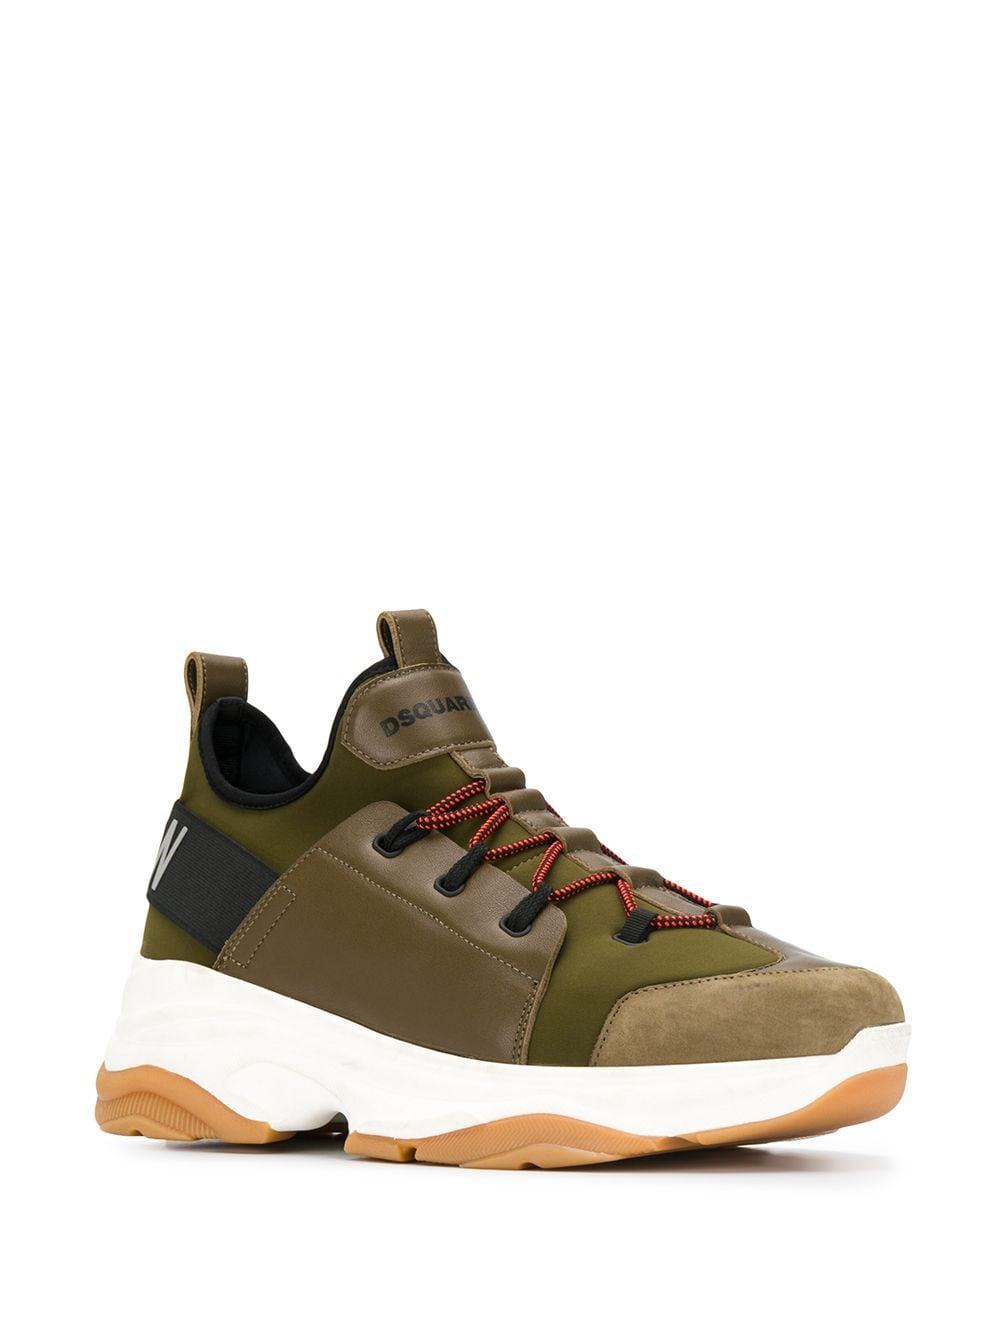 Zapatillas con suela gruesa DSquared² de Cuero de color Verde para hombre